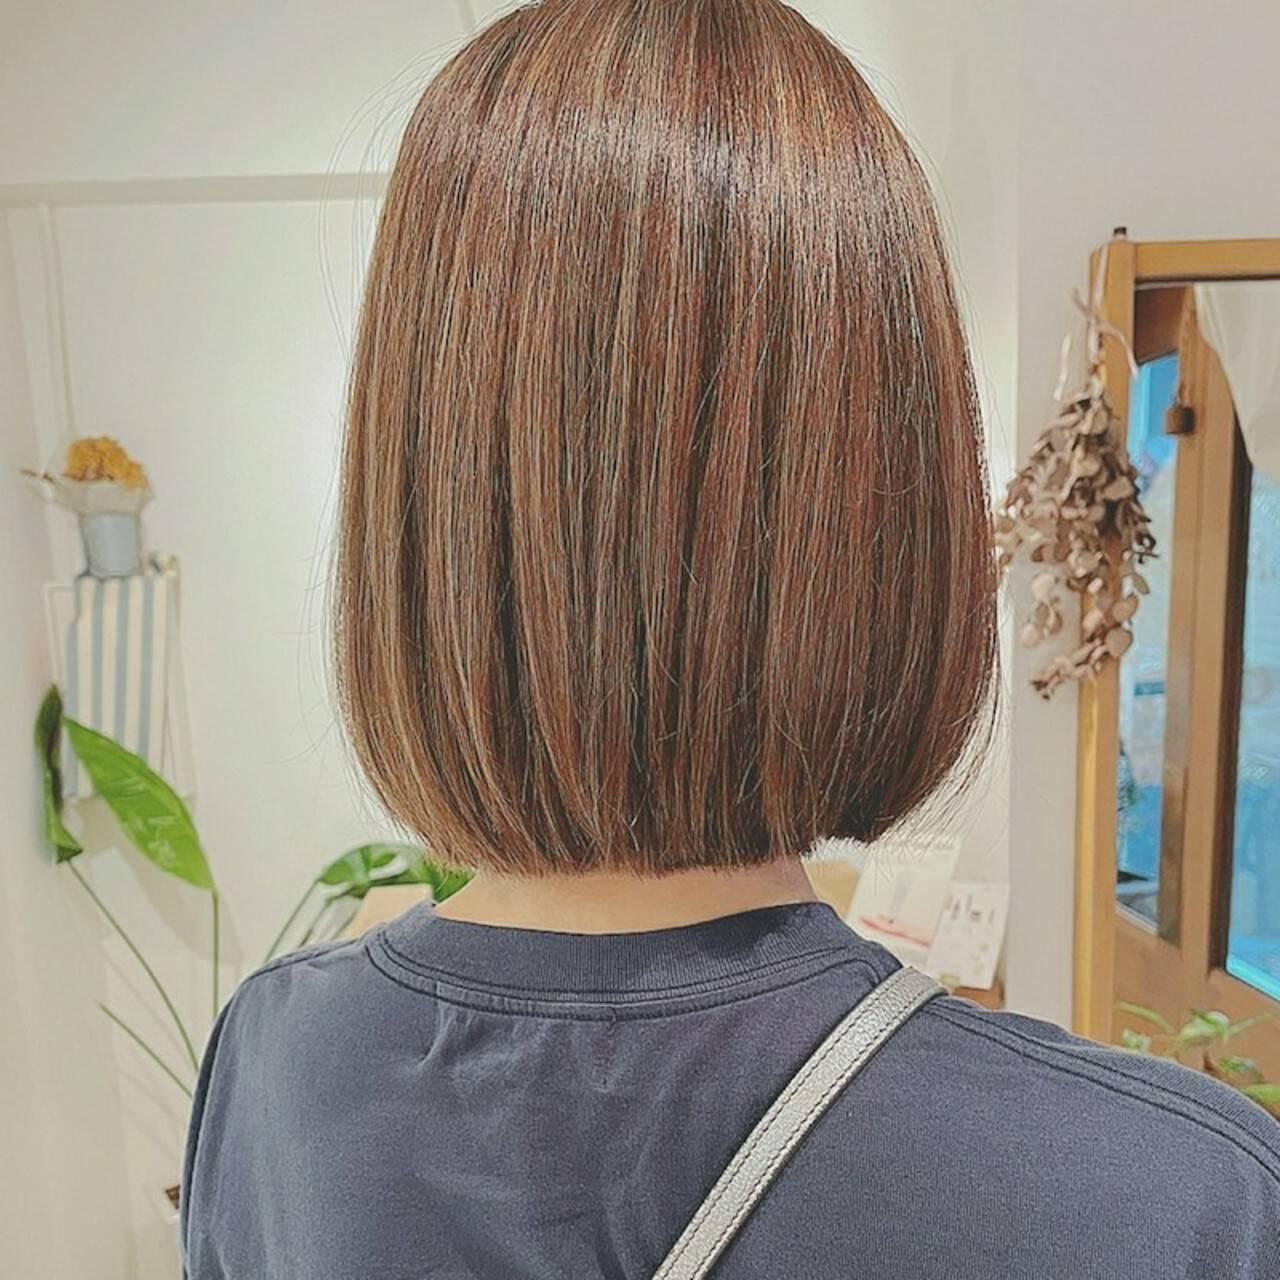 デート お出かけヘア ボブ 大人かわいいヘアスタイルや髪型の写真・画像